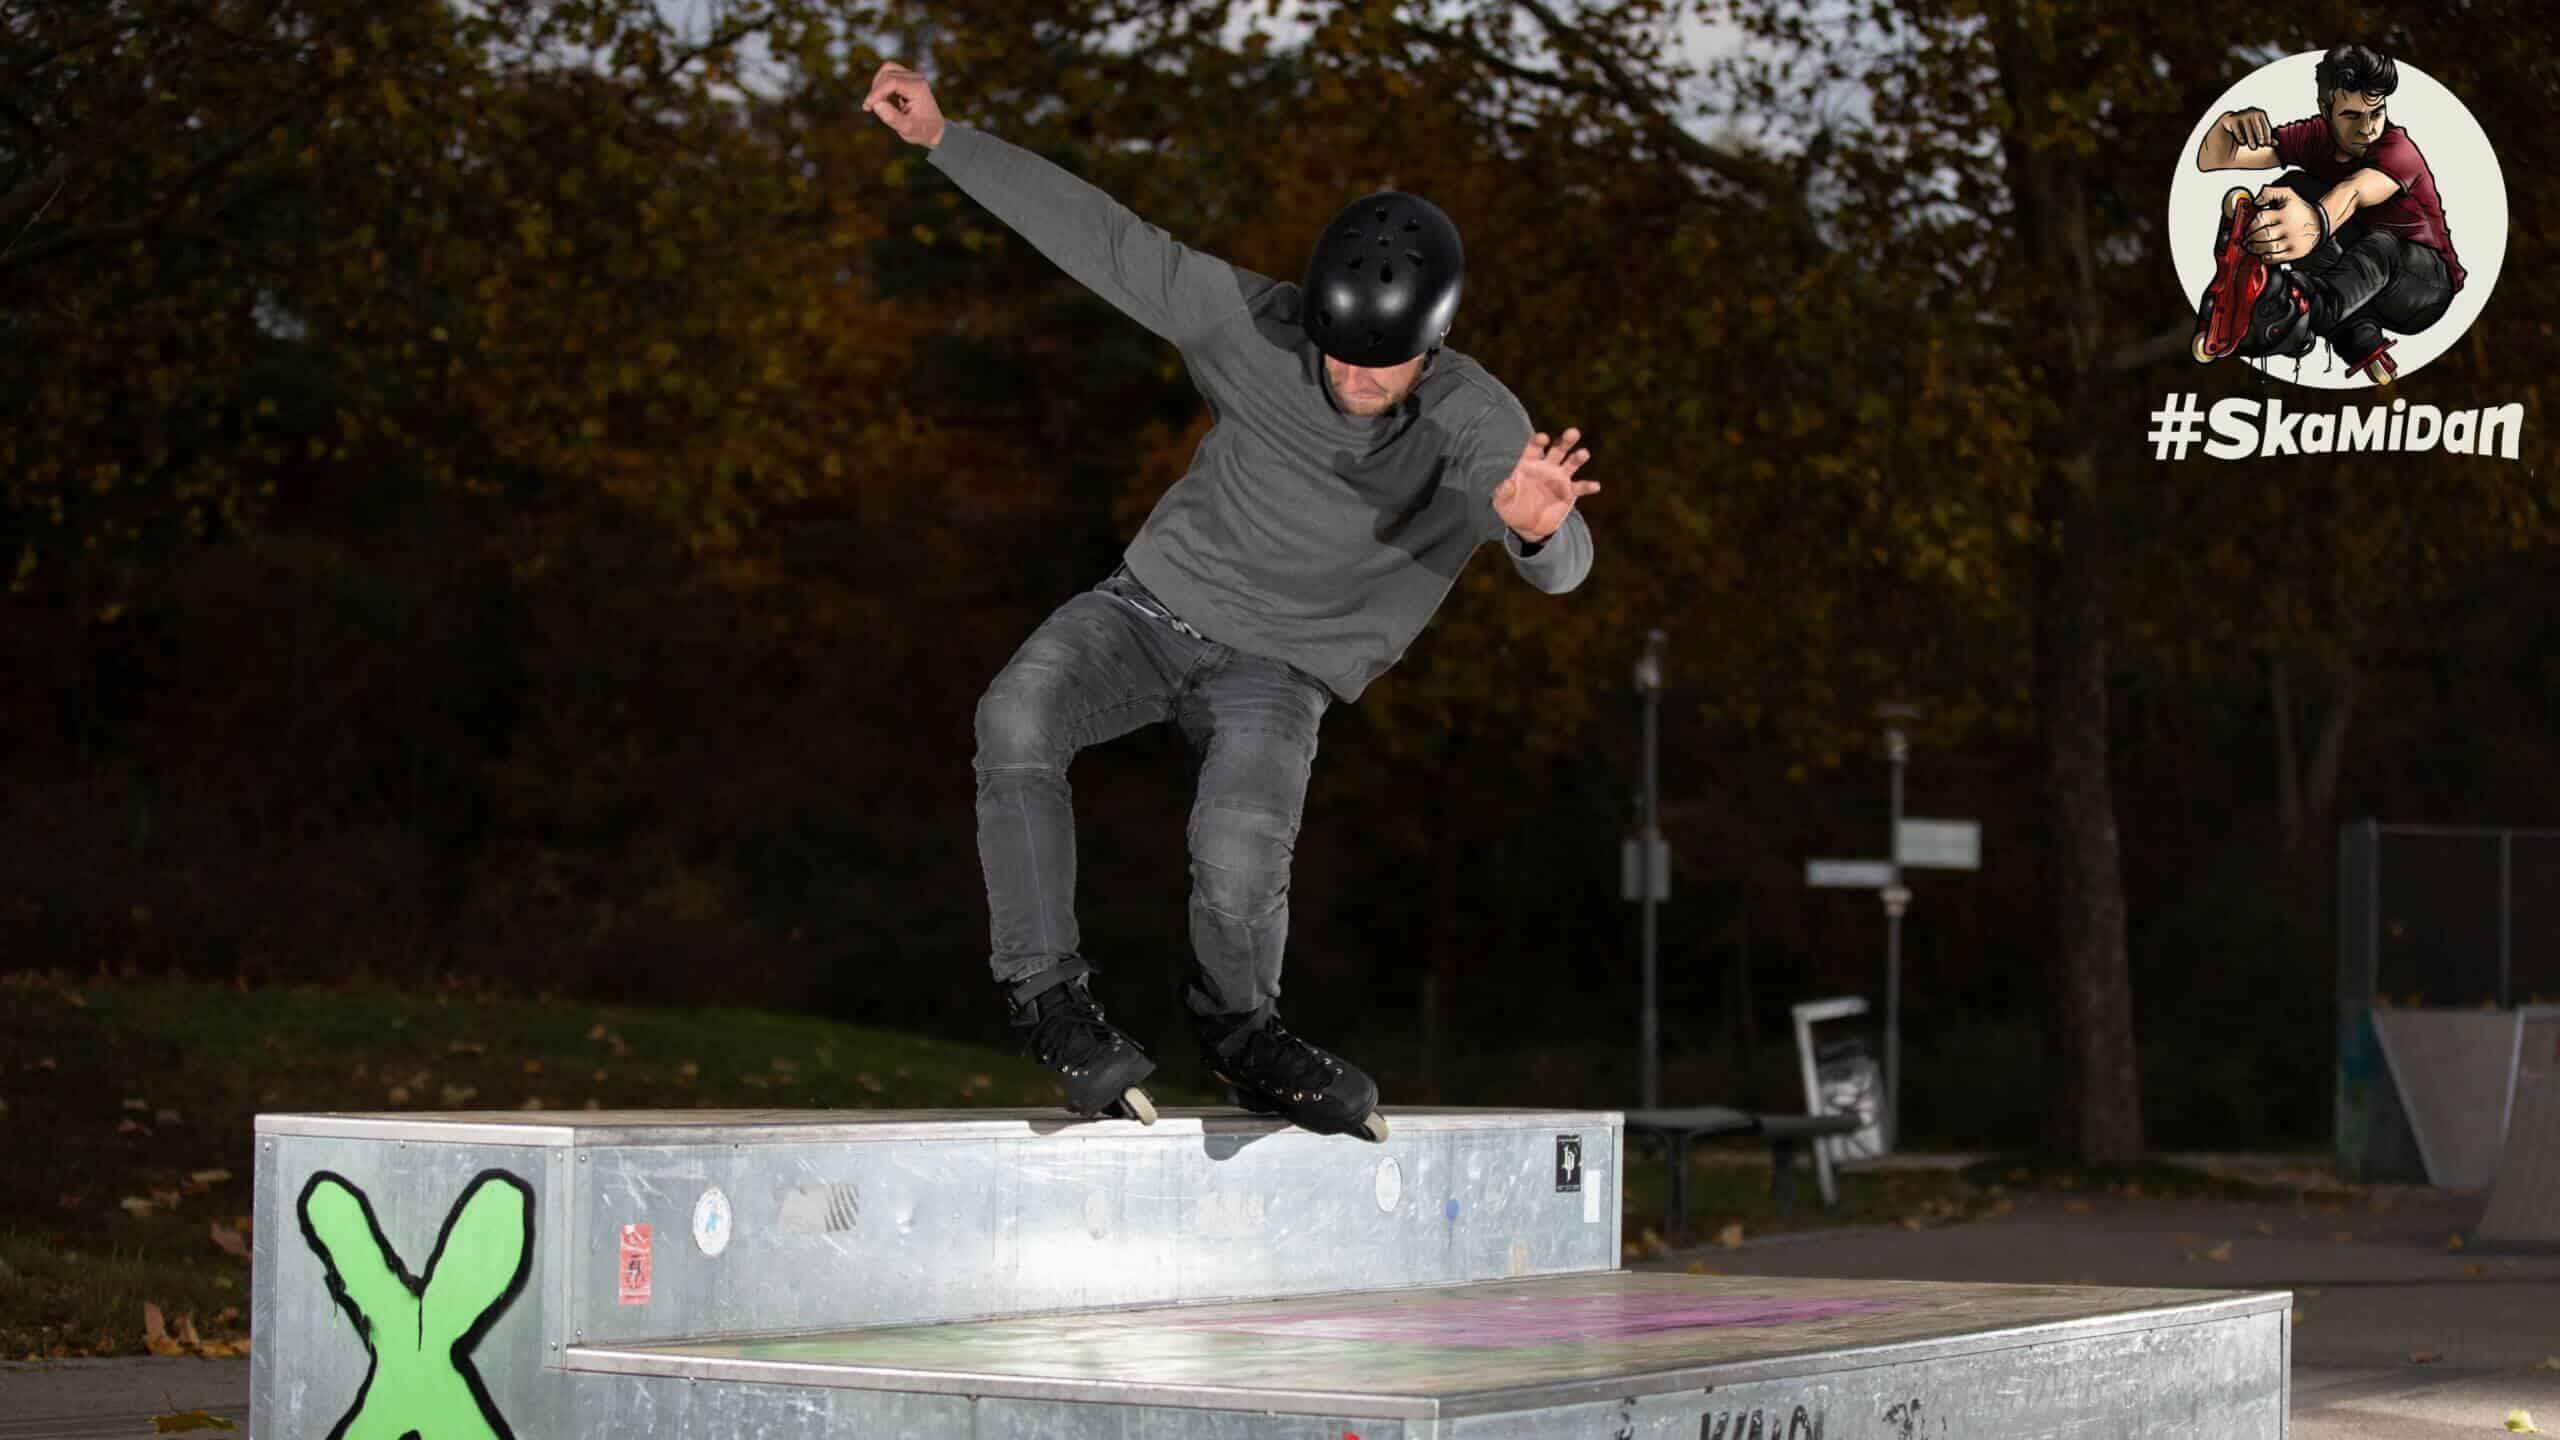 Christoph Kälber — SkaMiDan Skating Team